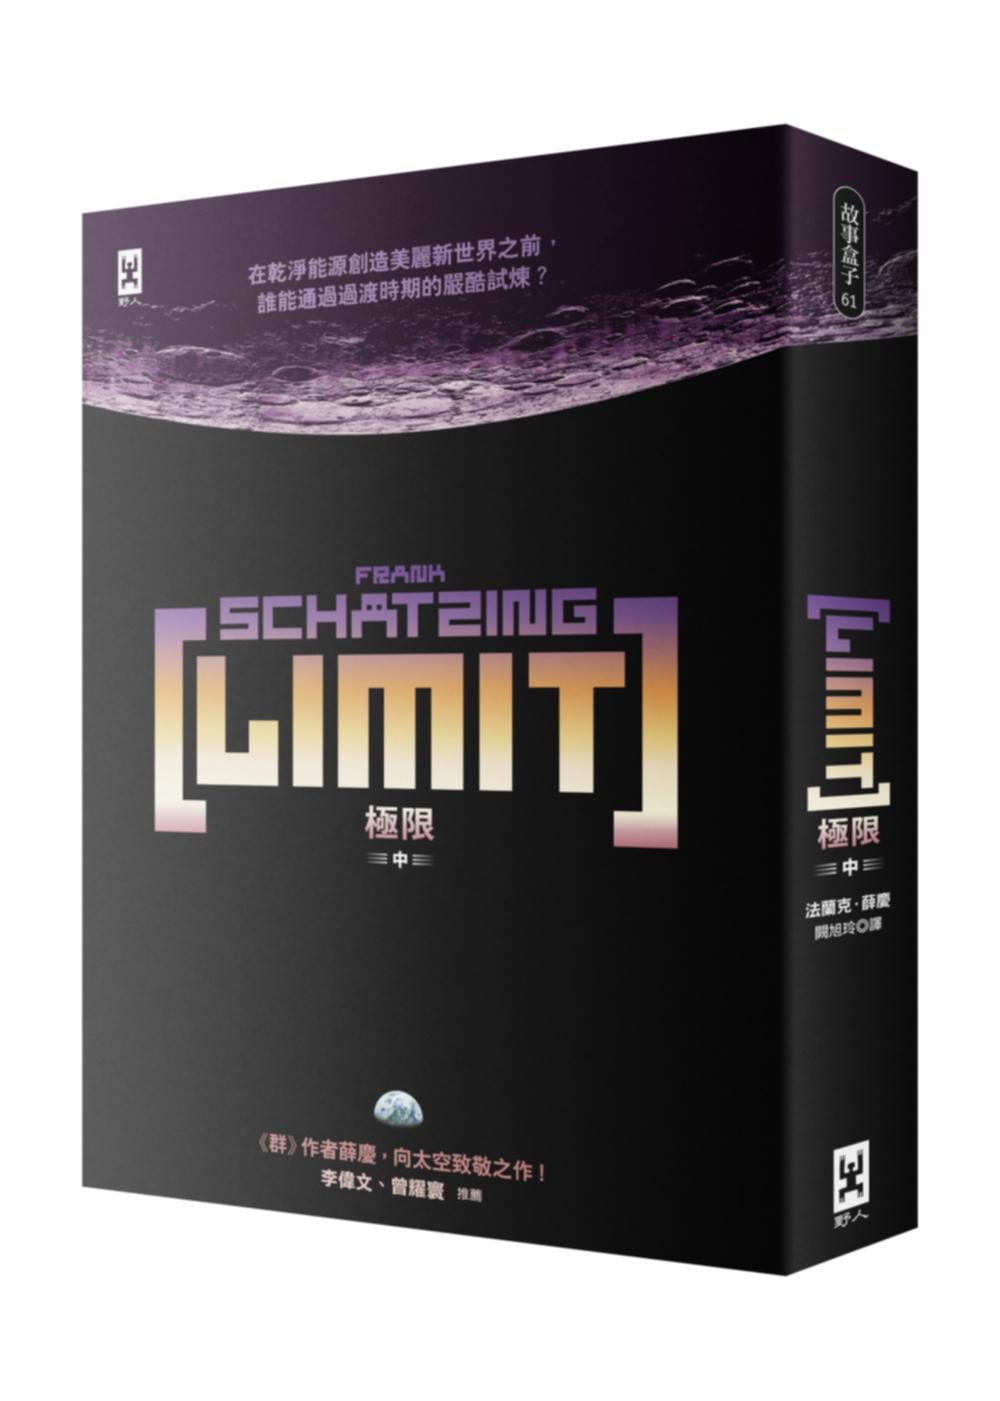 極限 LIMIT [中](《群》作者薛慶太空跨界小說)